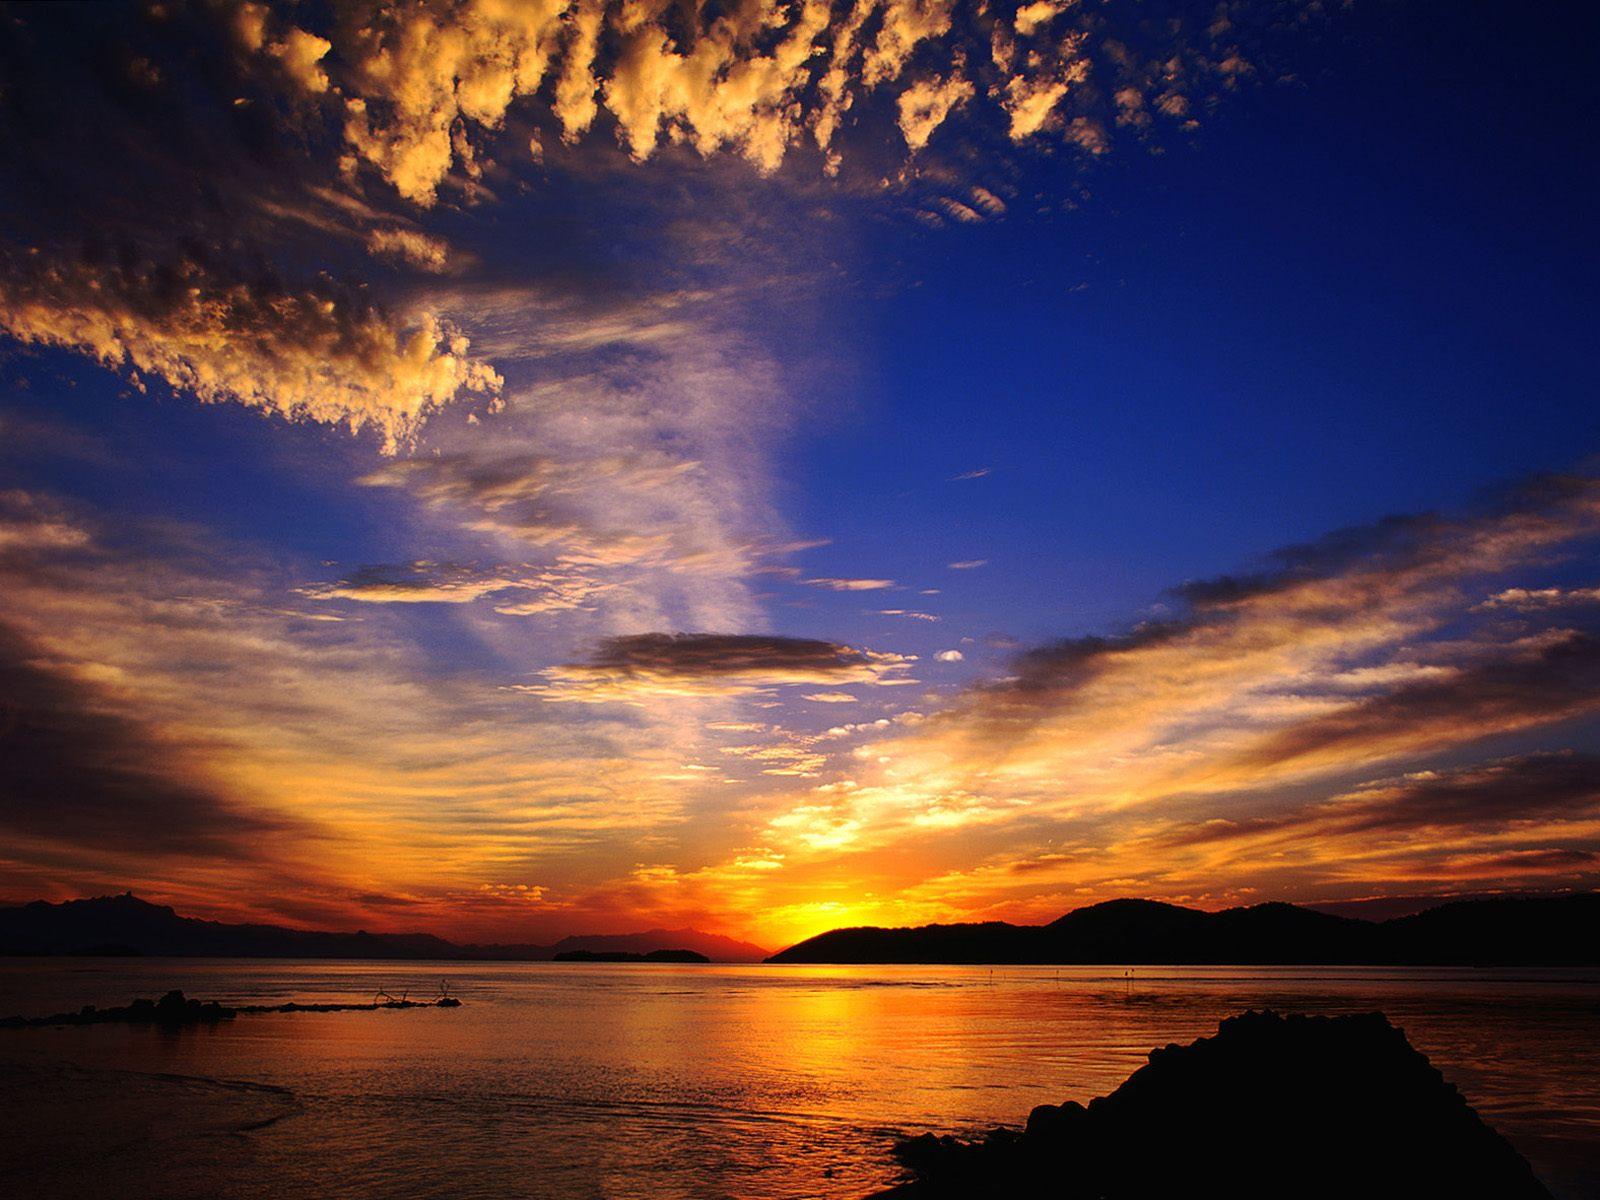 http://4.bp.blogspot.com/_Zw41kxI2akg/TDHYnVBrrGI/AAAAAAAACho/5PISx5RT8HE/s1600/sunset_wallpaper_wide.jpg